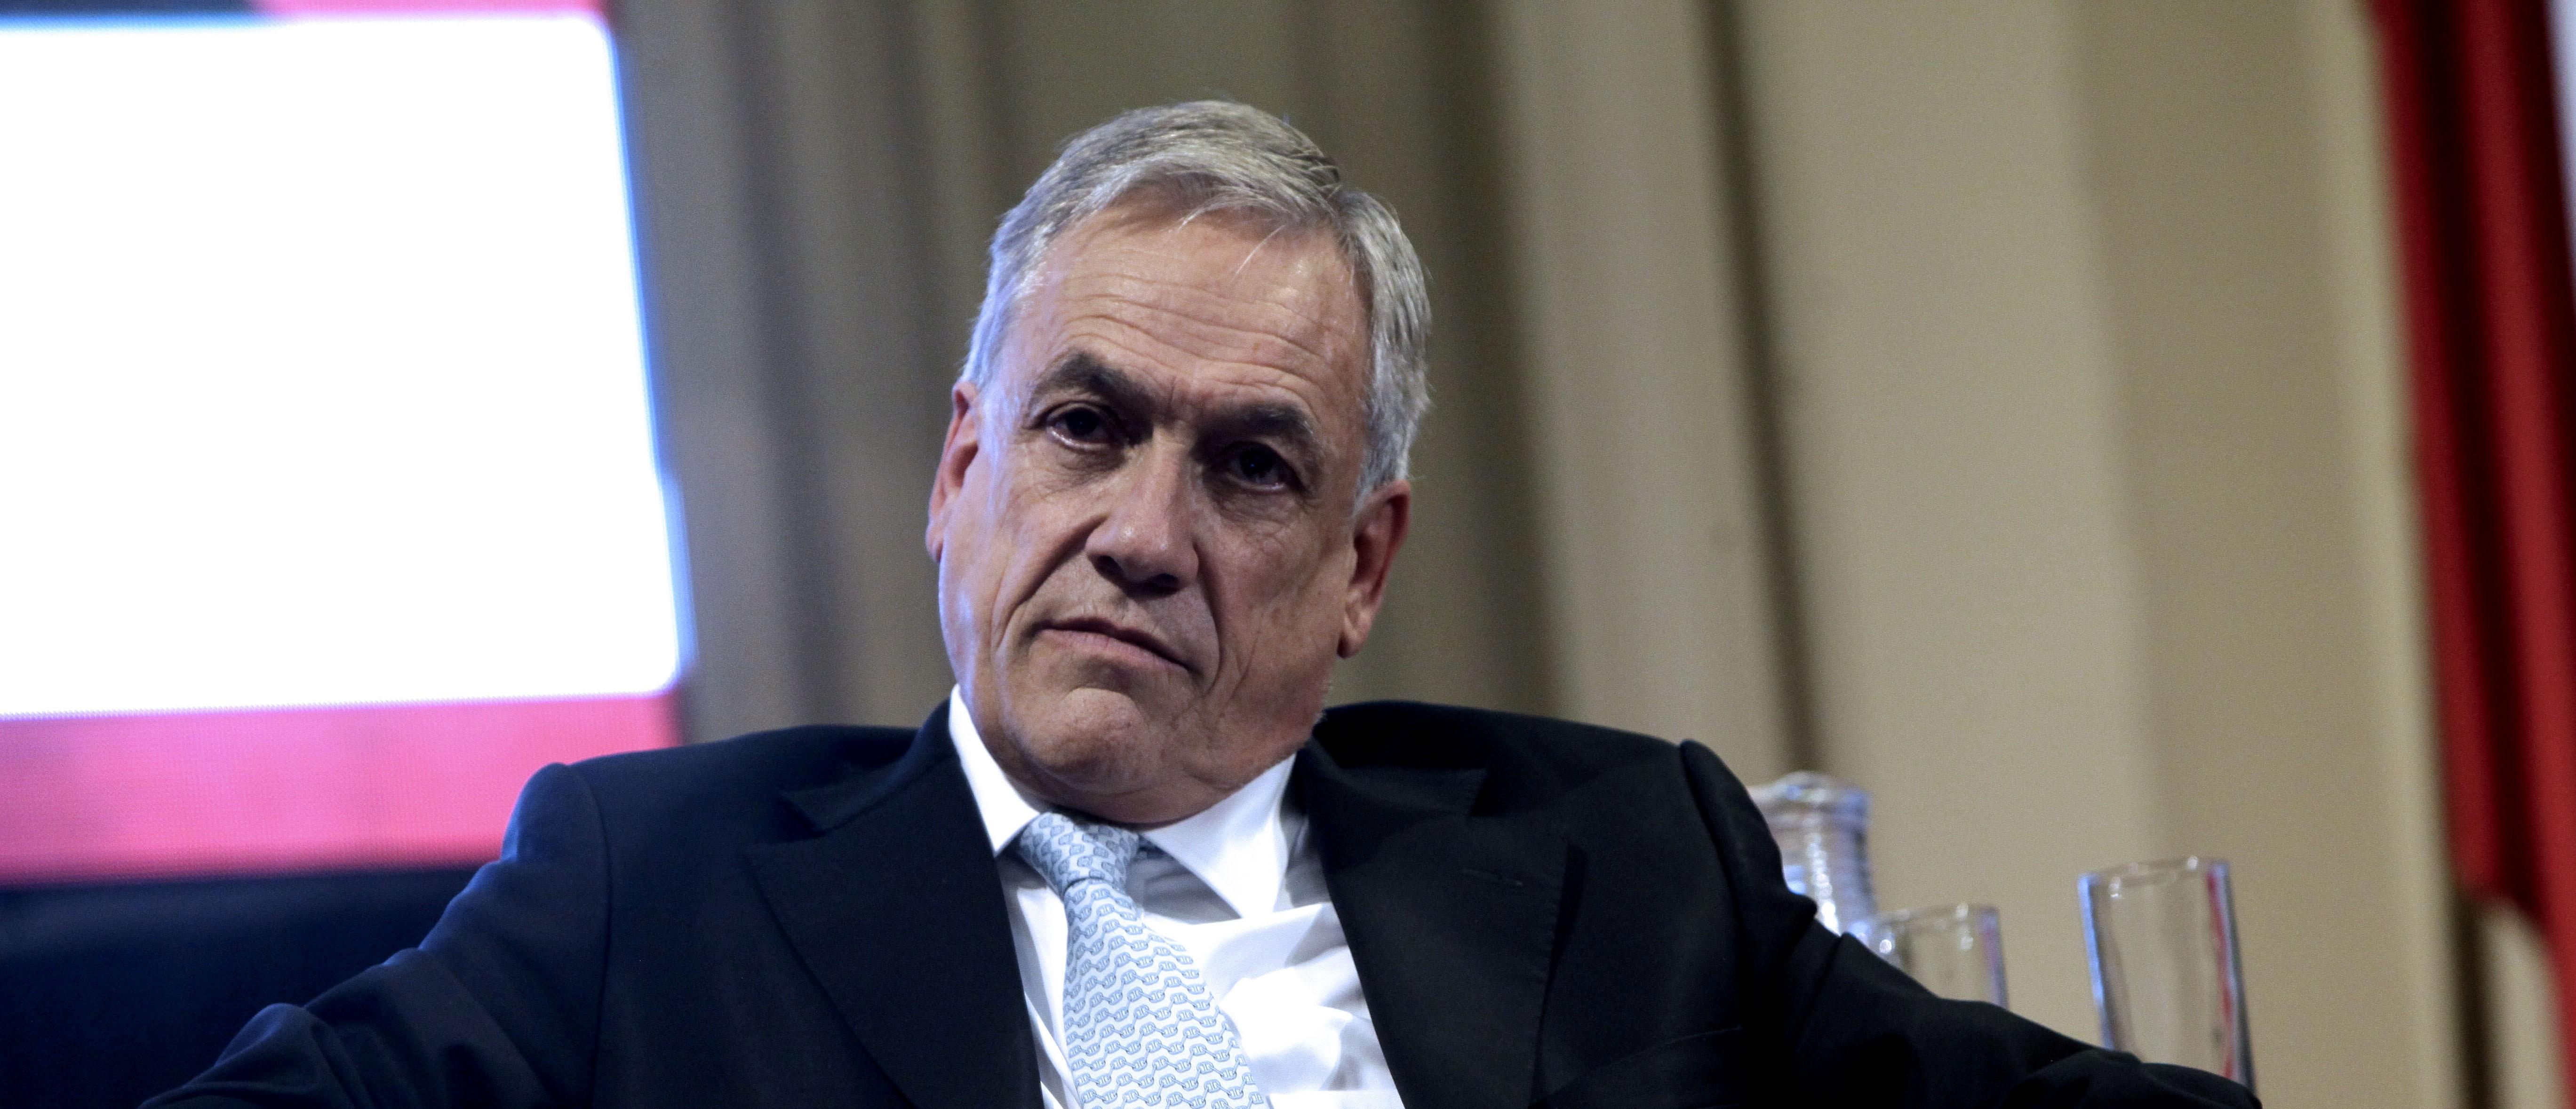 Sebastián Piñera |Maribel Fornerod |Agencia UNO